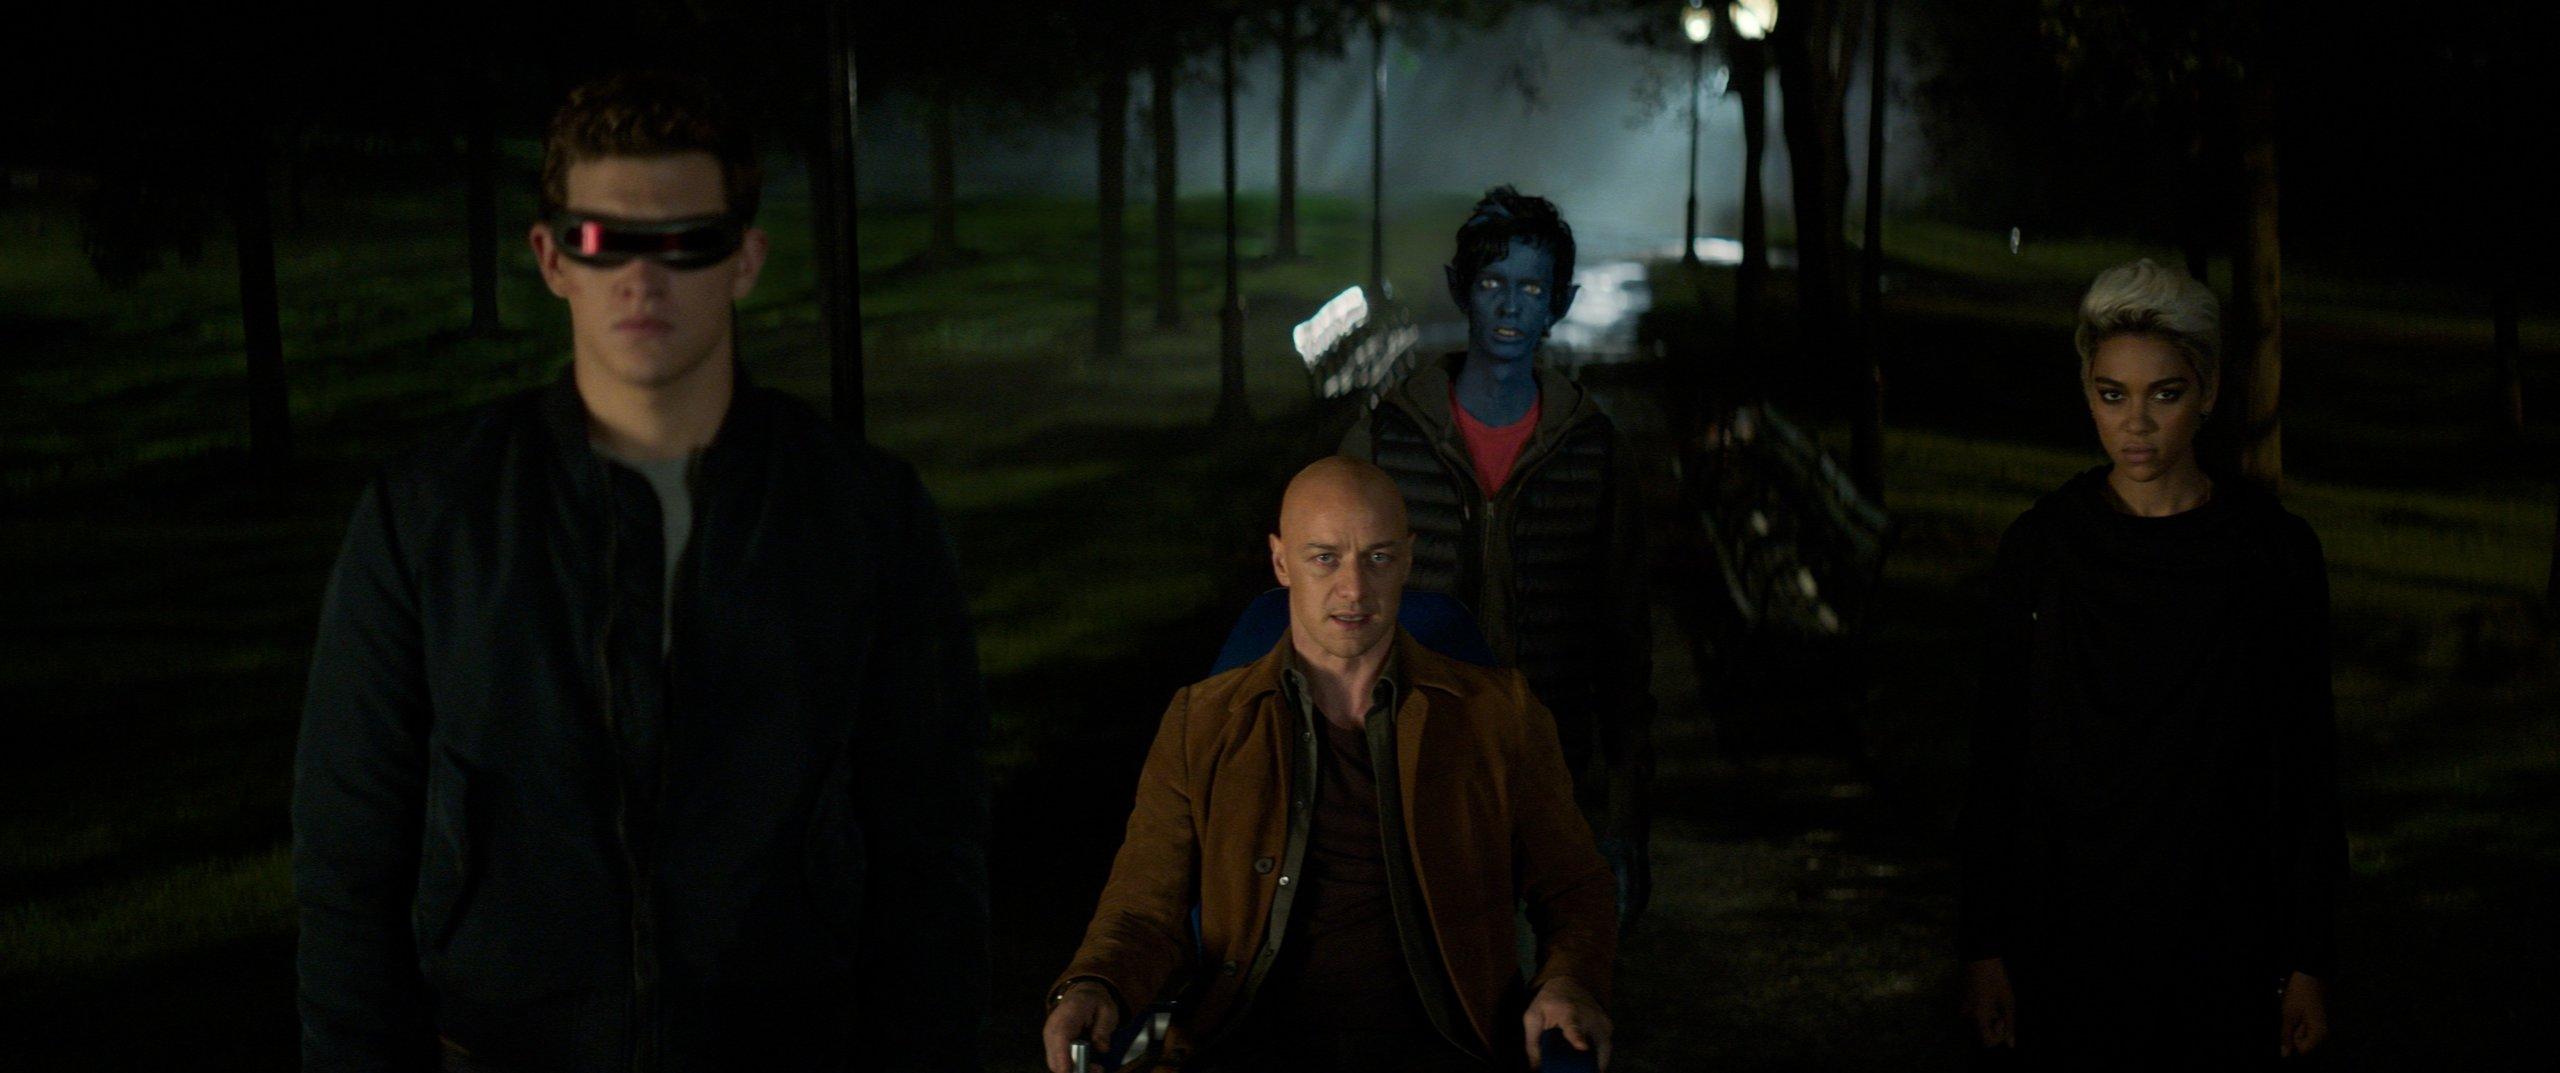 Люди Икс: Тёмный феникс, кадр № 9